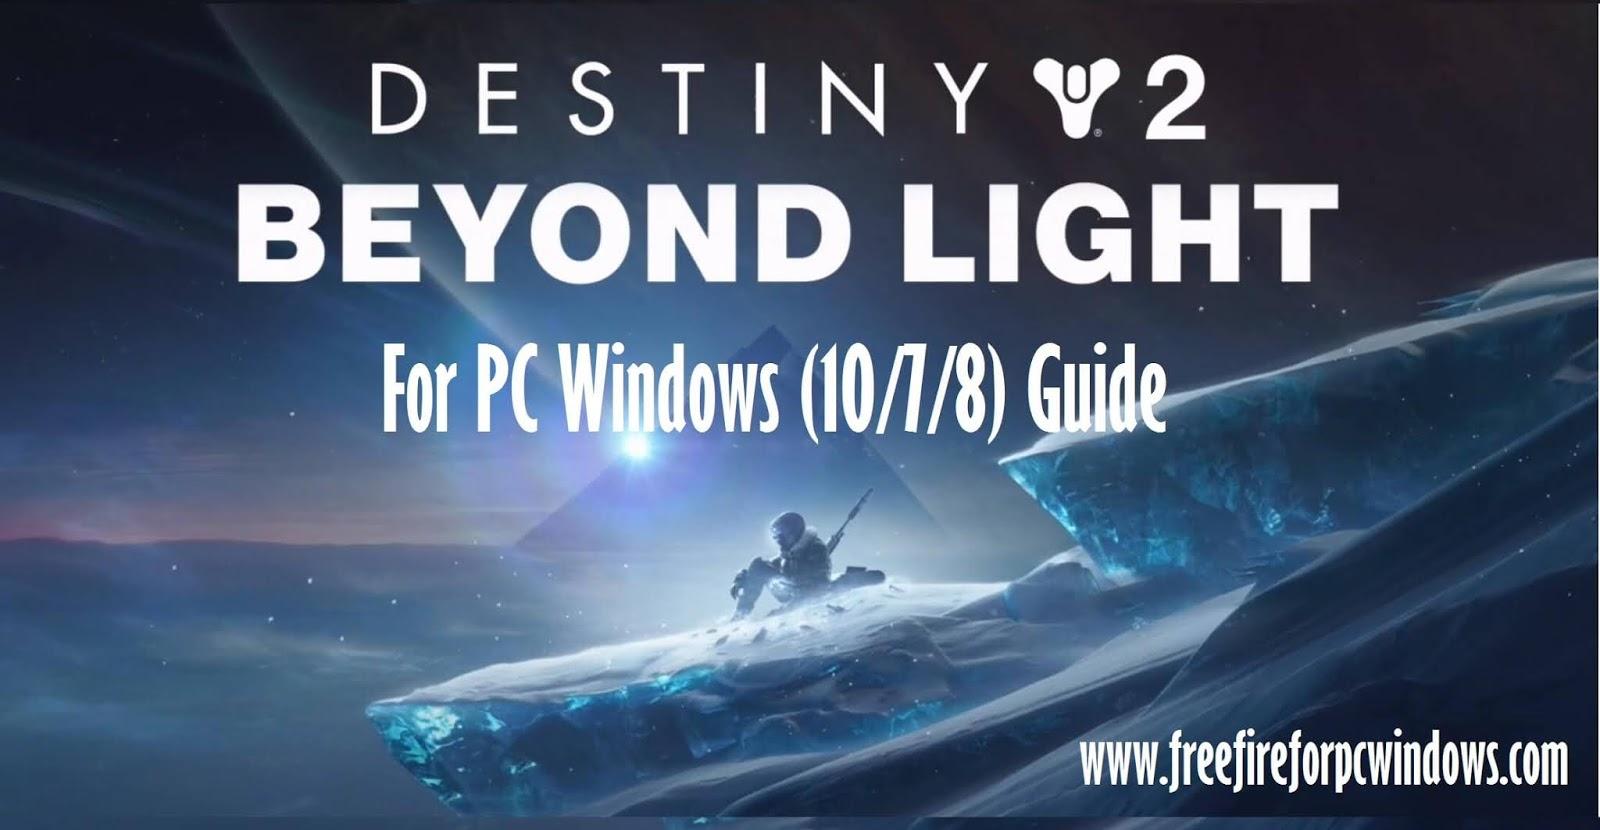 Destiny 2 For PC Windows